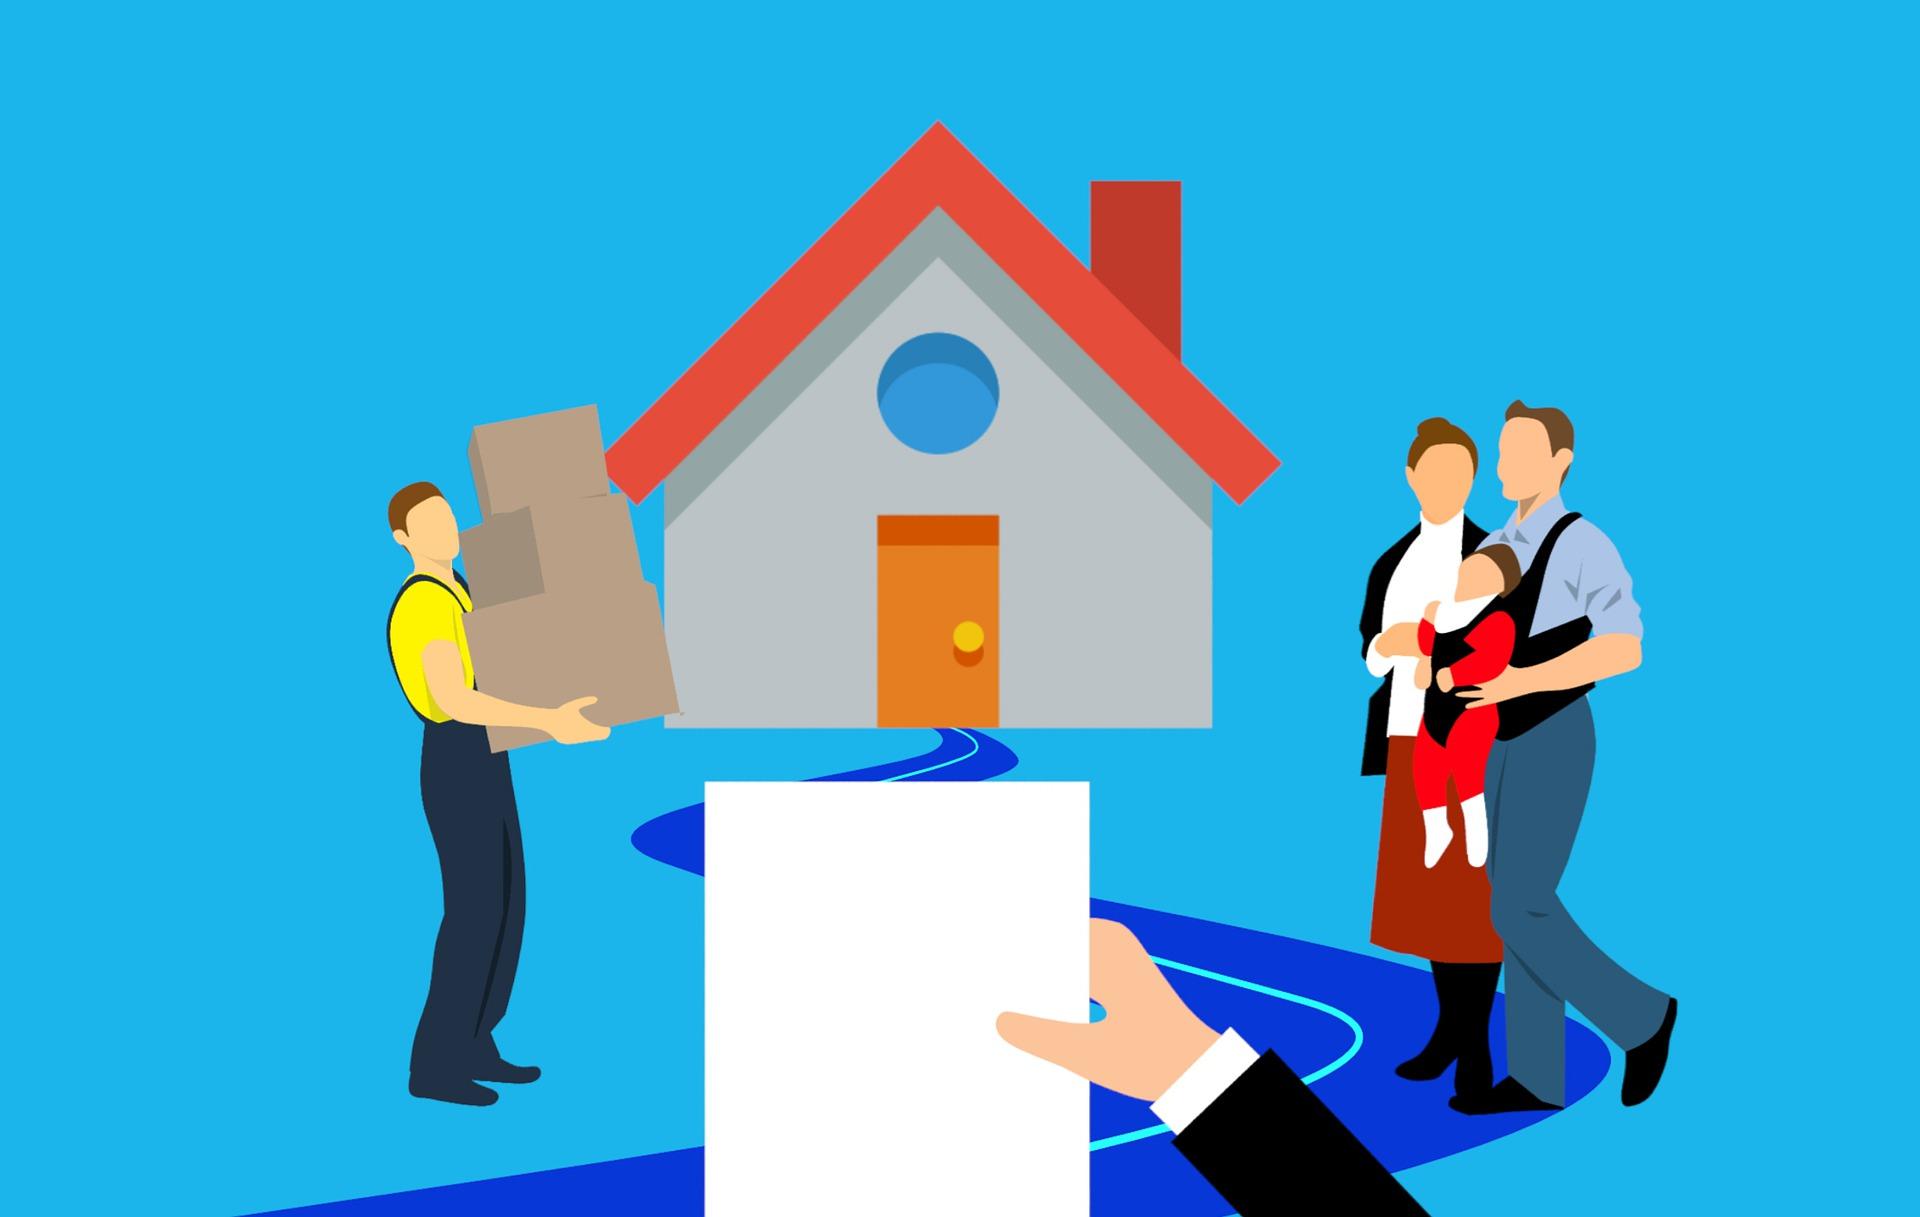 Garantia da Solidez do Imóvel pelo Construtor e Incorporador